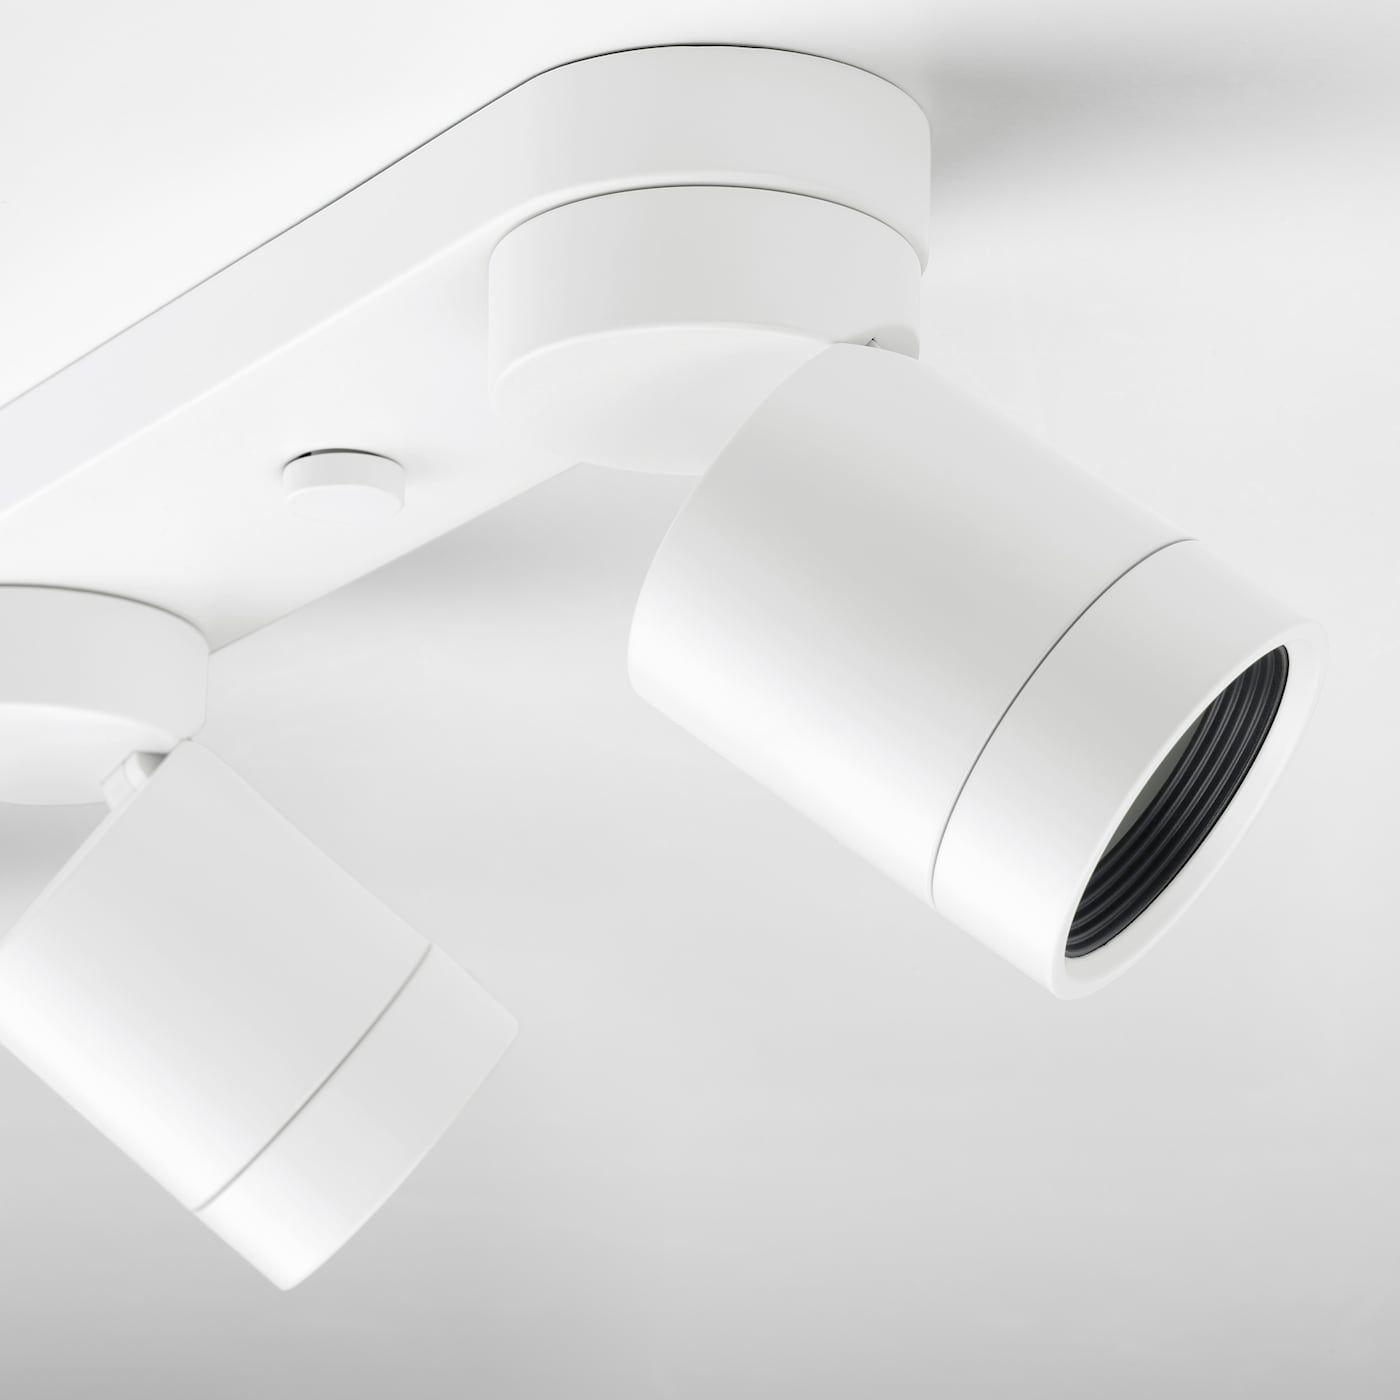 Nymane Deckenspot 4 Spots Weiss Ikea Osterreich In 2020 Ceiling Spotlights Ceiling Lights Ceiling Lamp